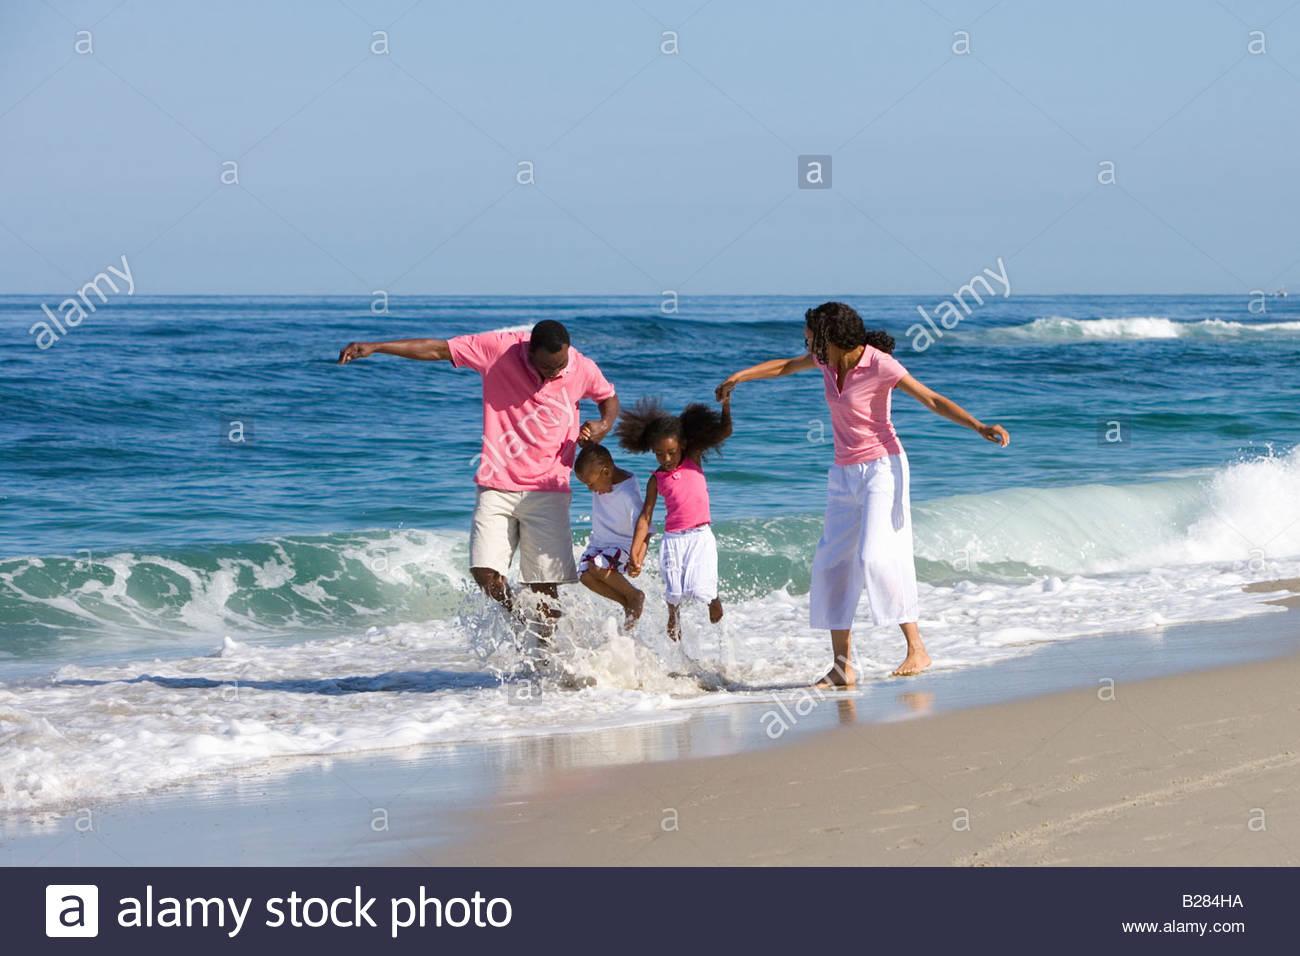 Vierköpfige Familie Wandern in Wellen am Strand Stockfoto